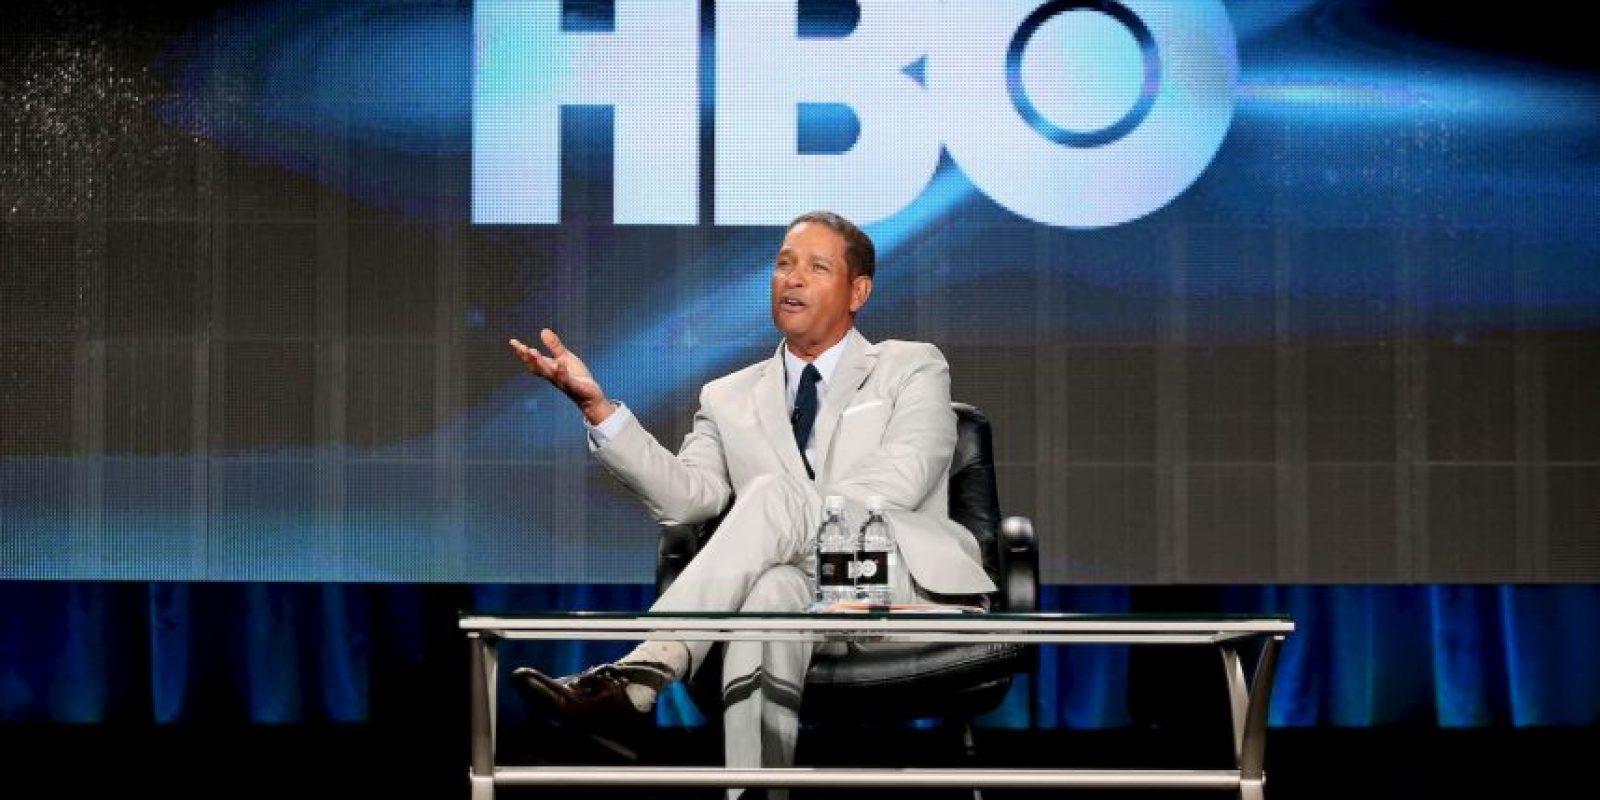 Algunos medios informaron que HBO había amenazado a los usuarios responsables como a los directivos de Periscope. Esto no se ha confirmado Foto:Getty Images